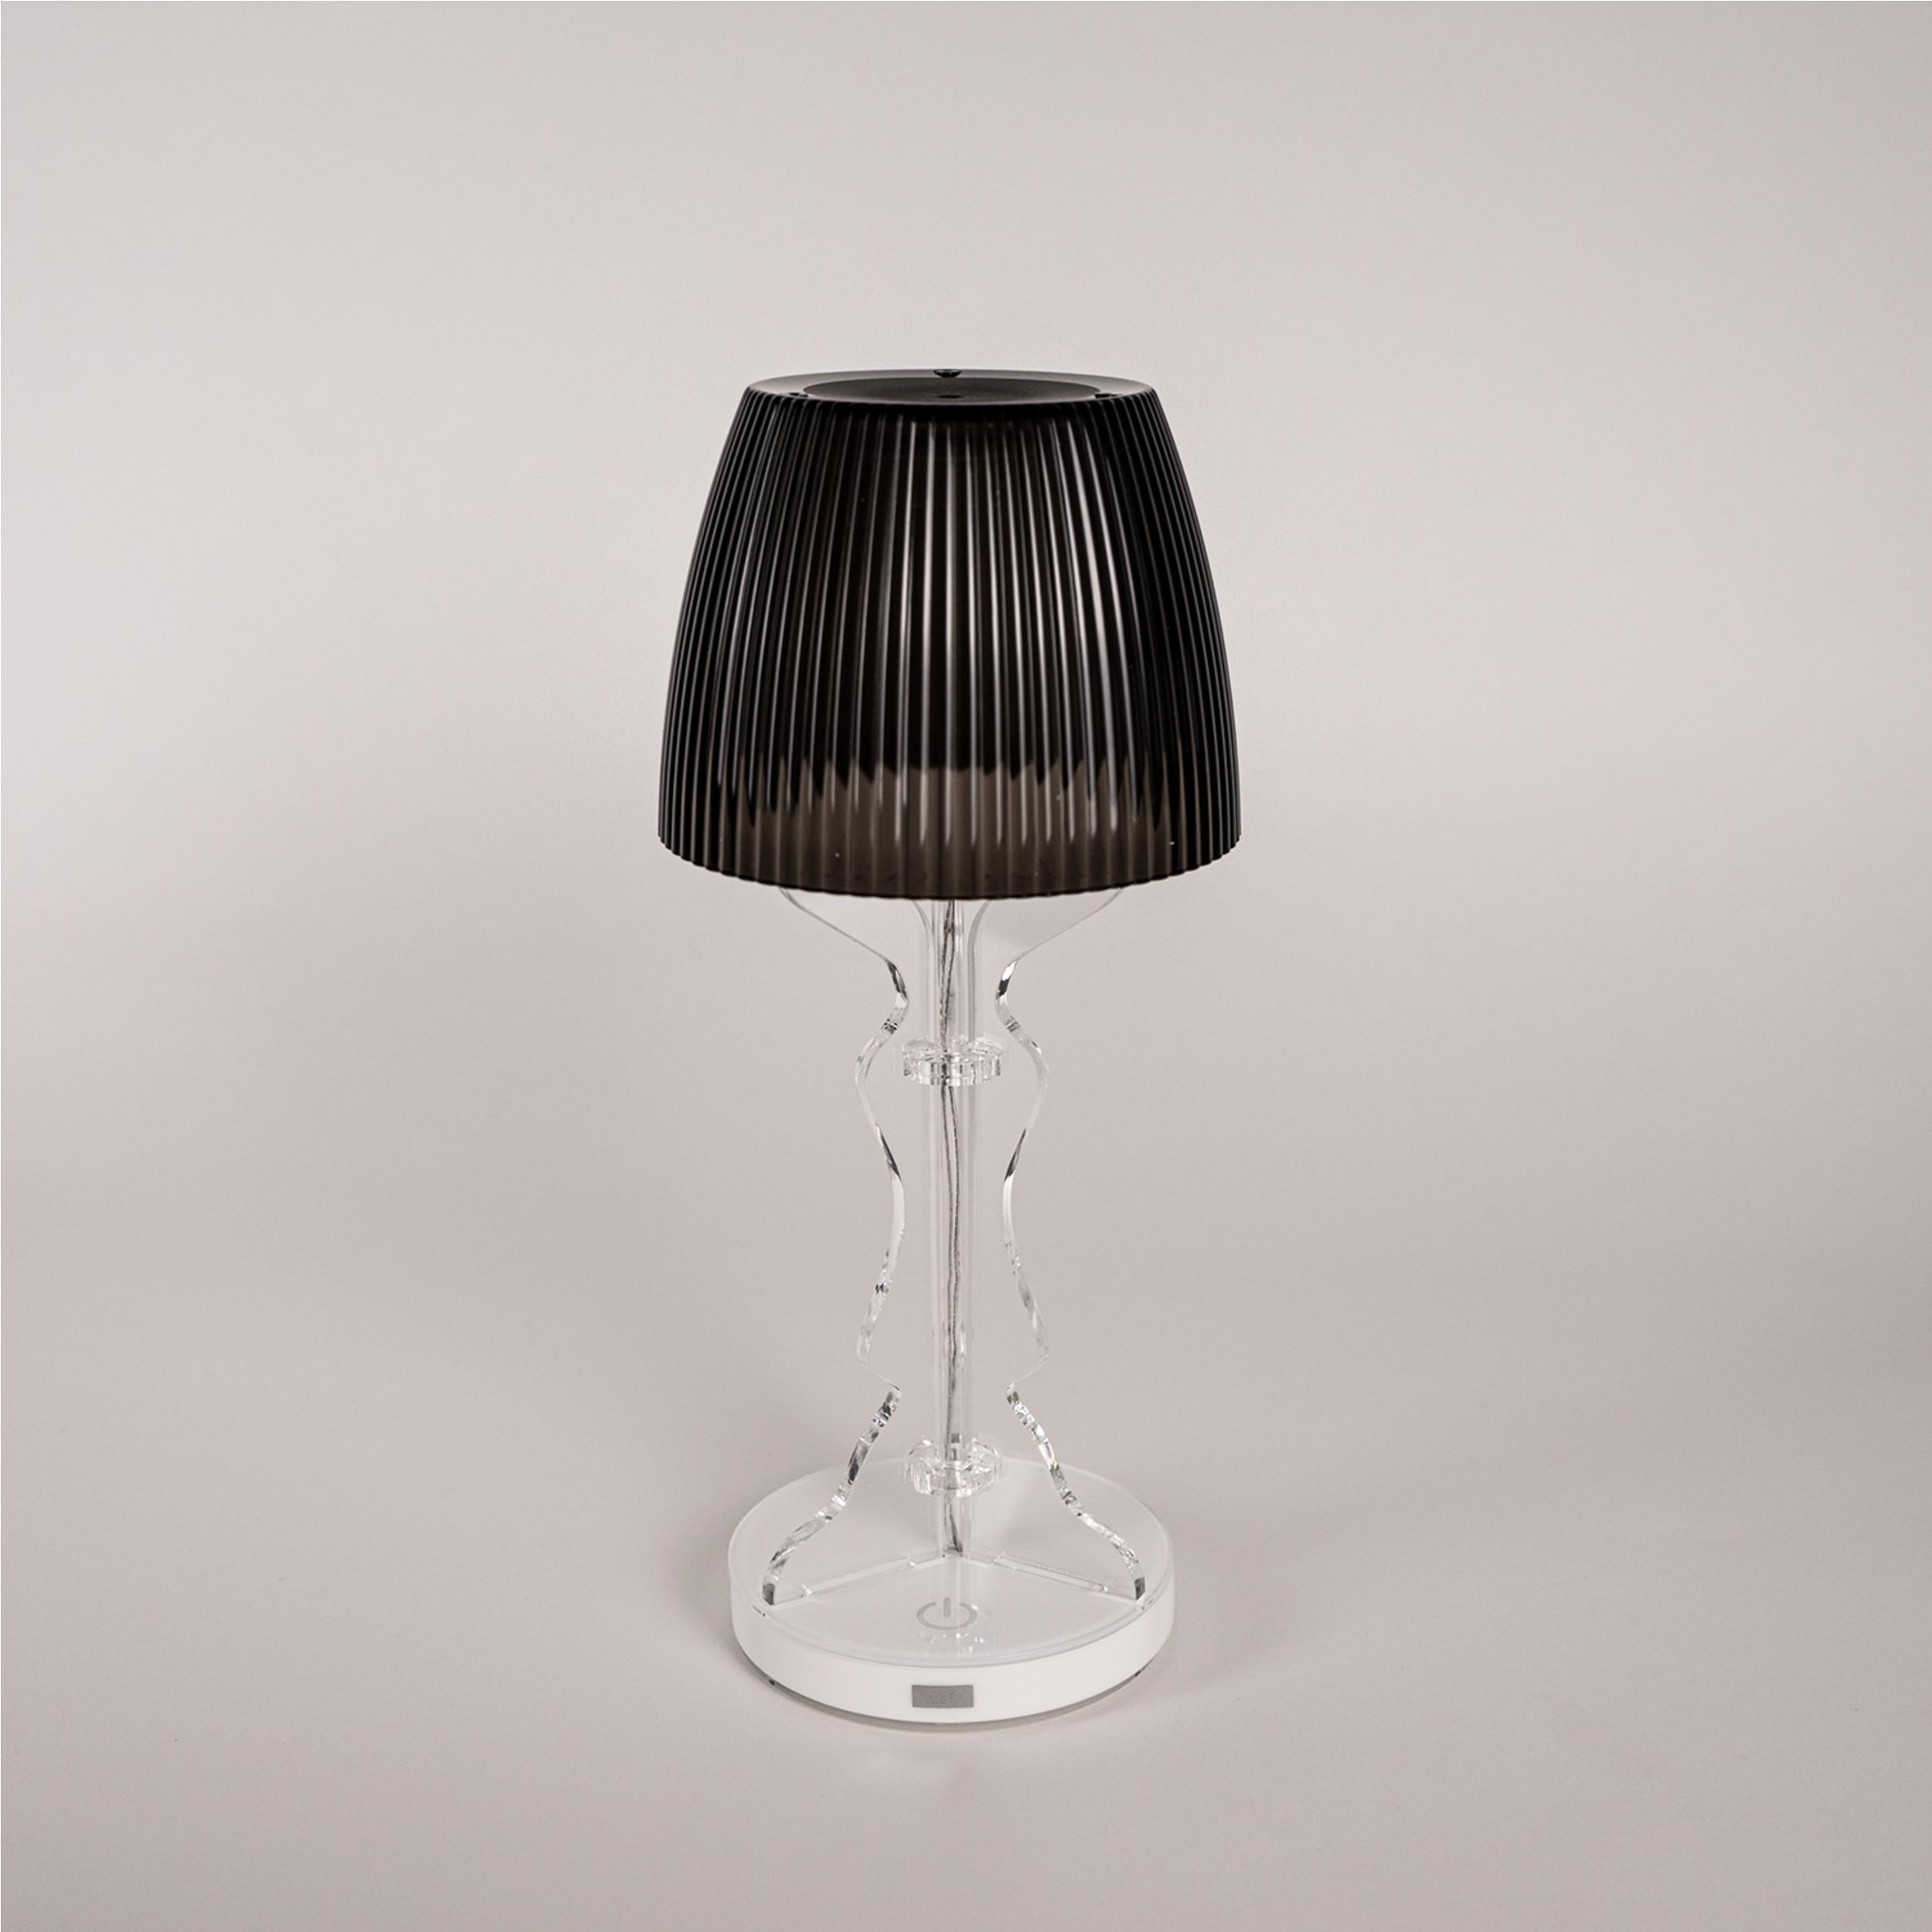 Lampada da tavolo abat jour lady led diametro 14xh33cm cappellino prismatico funzione a batteria - Lampade da tavolo a led ...